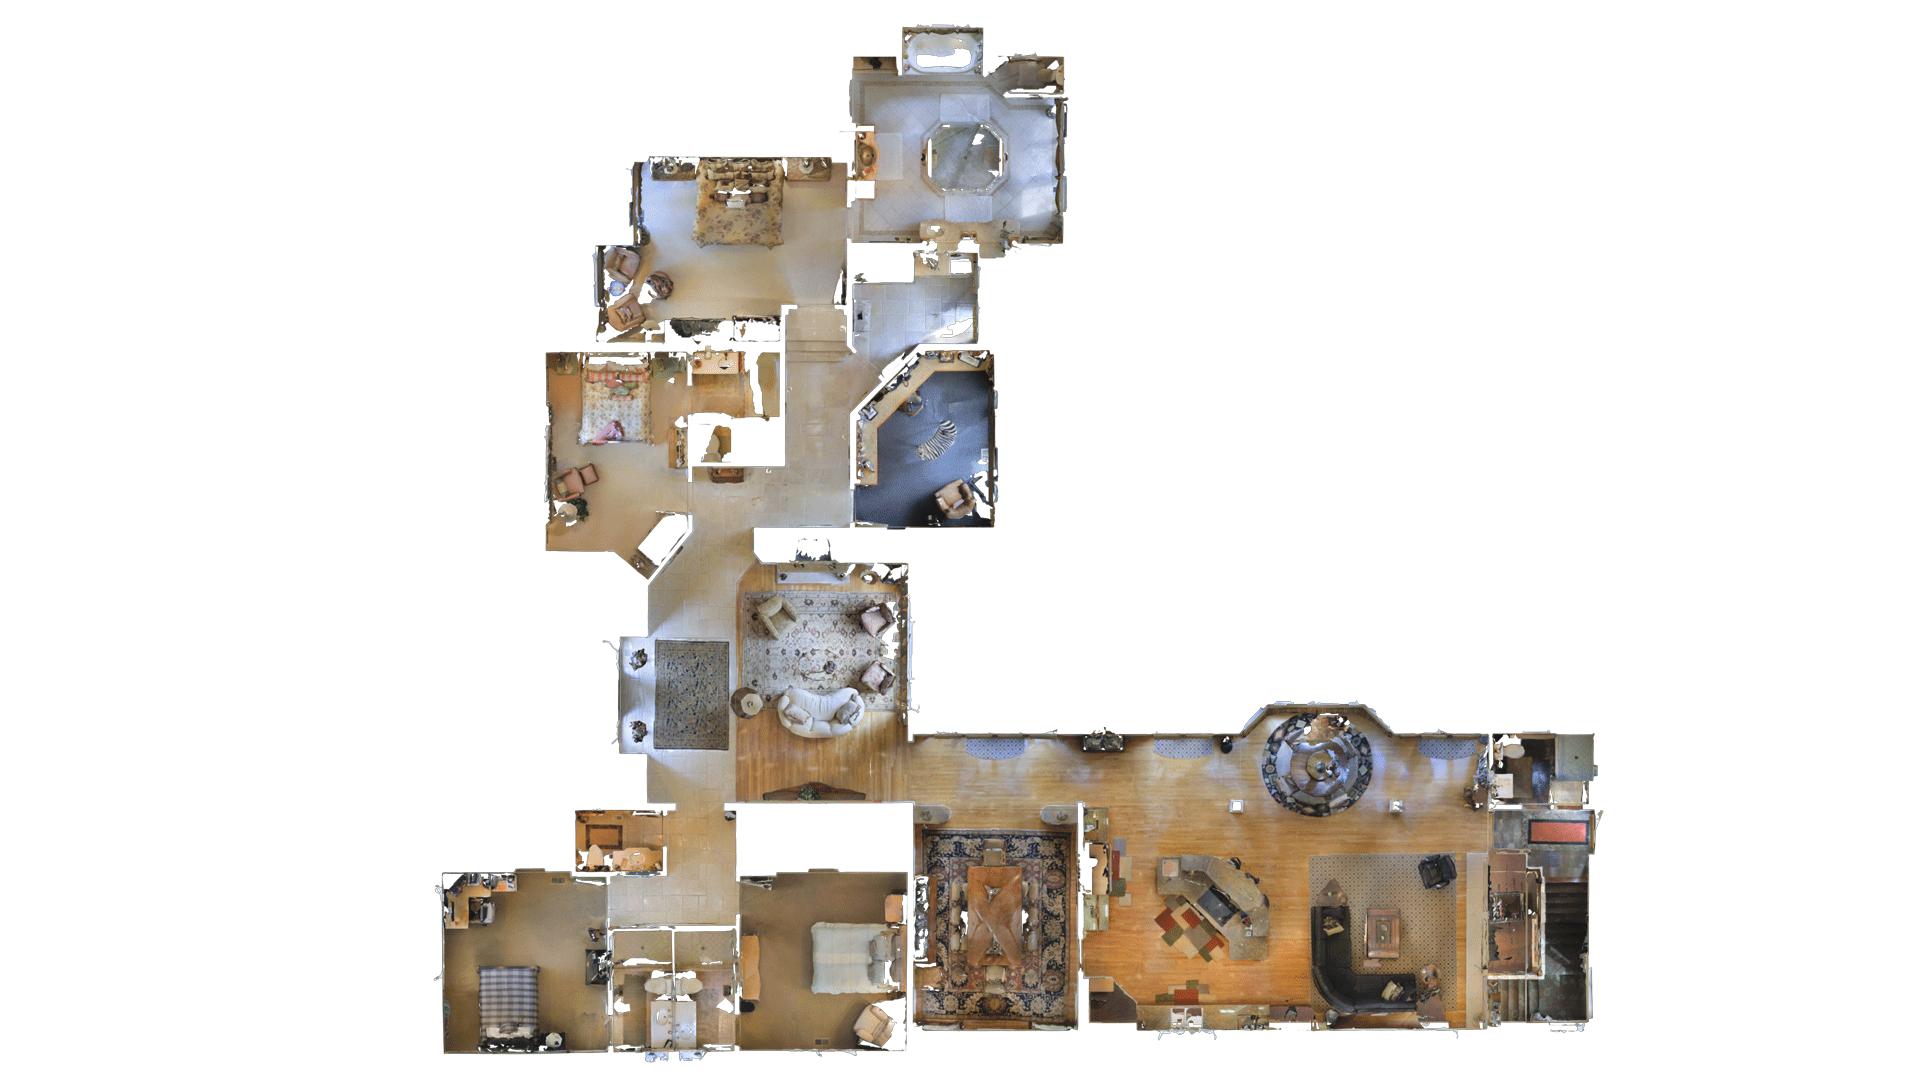 Dollhouse Image 3